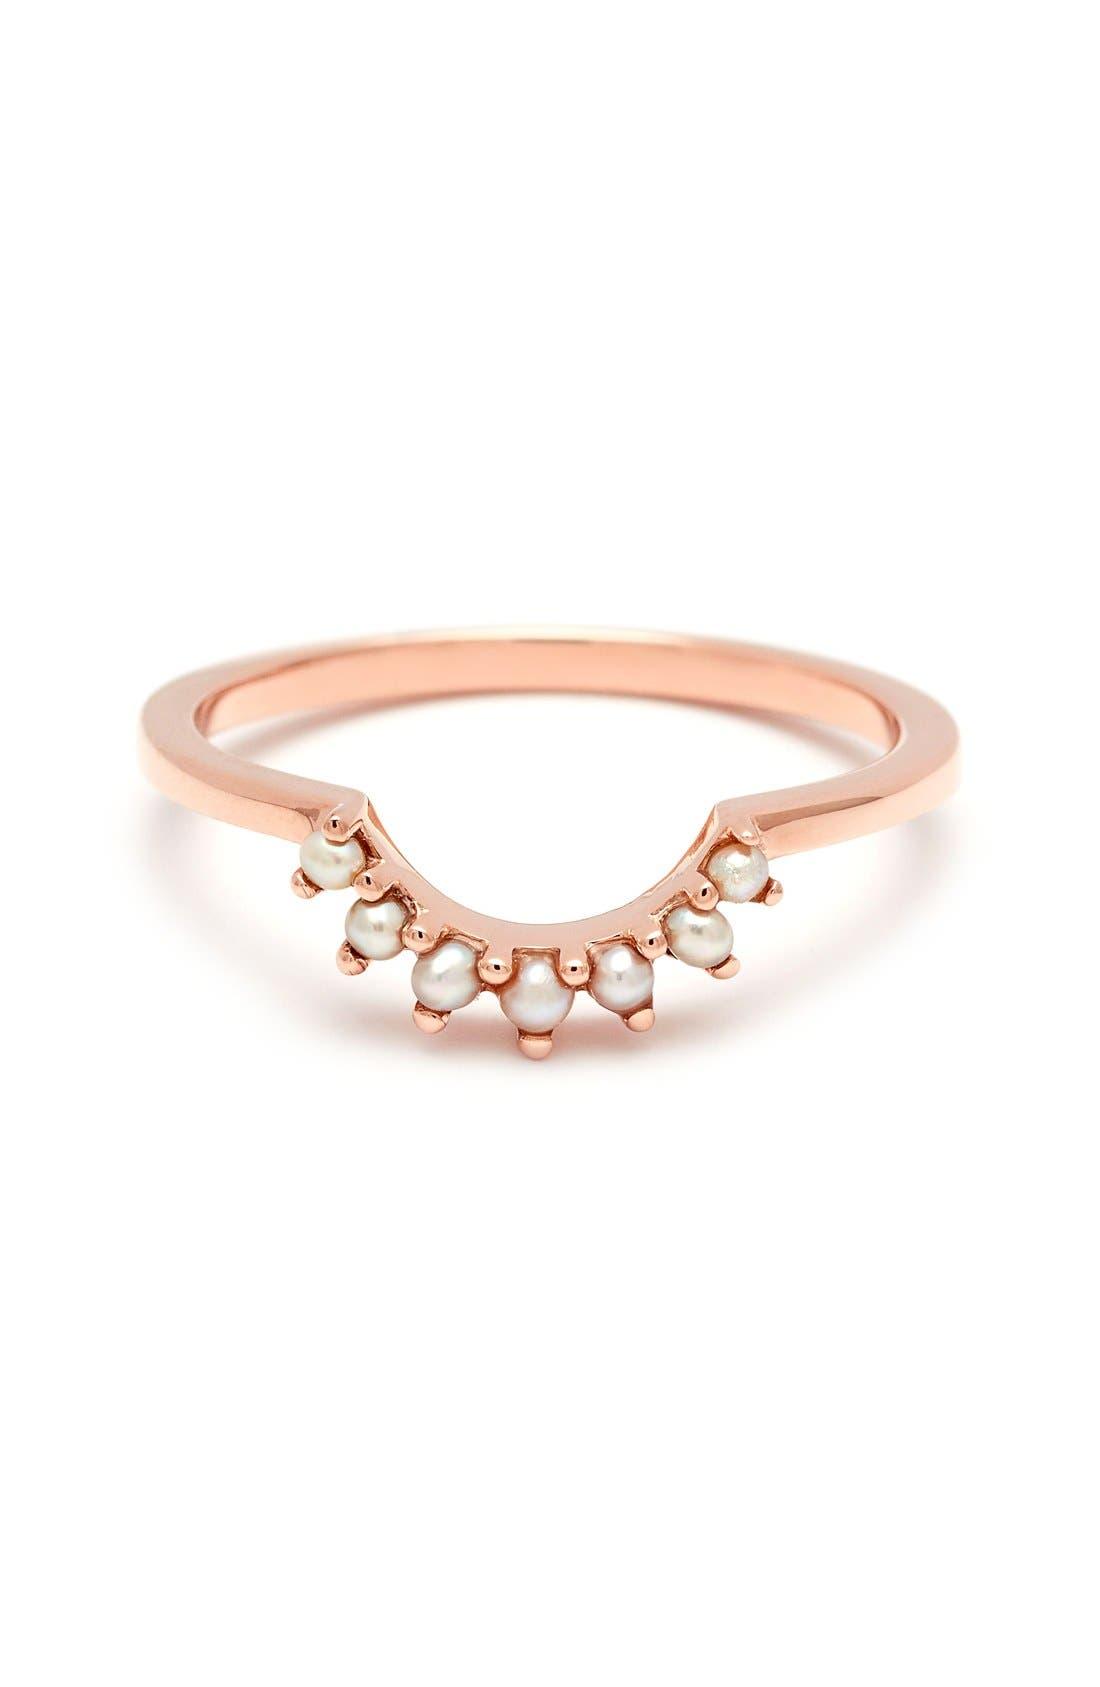 Main Image - Anna Sheffield 'Grand Tiara' Seed Pearl Ring